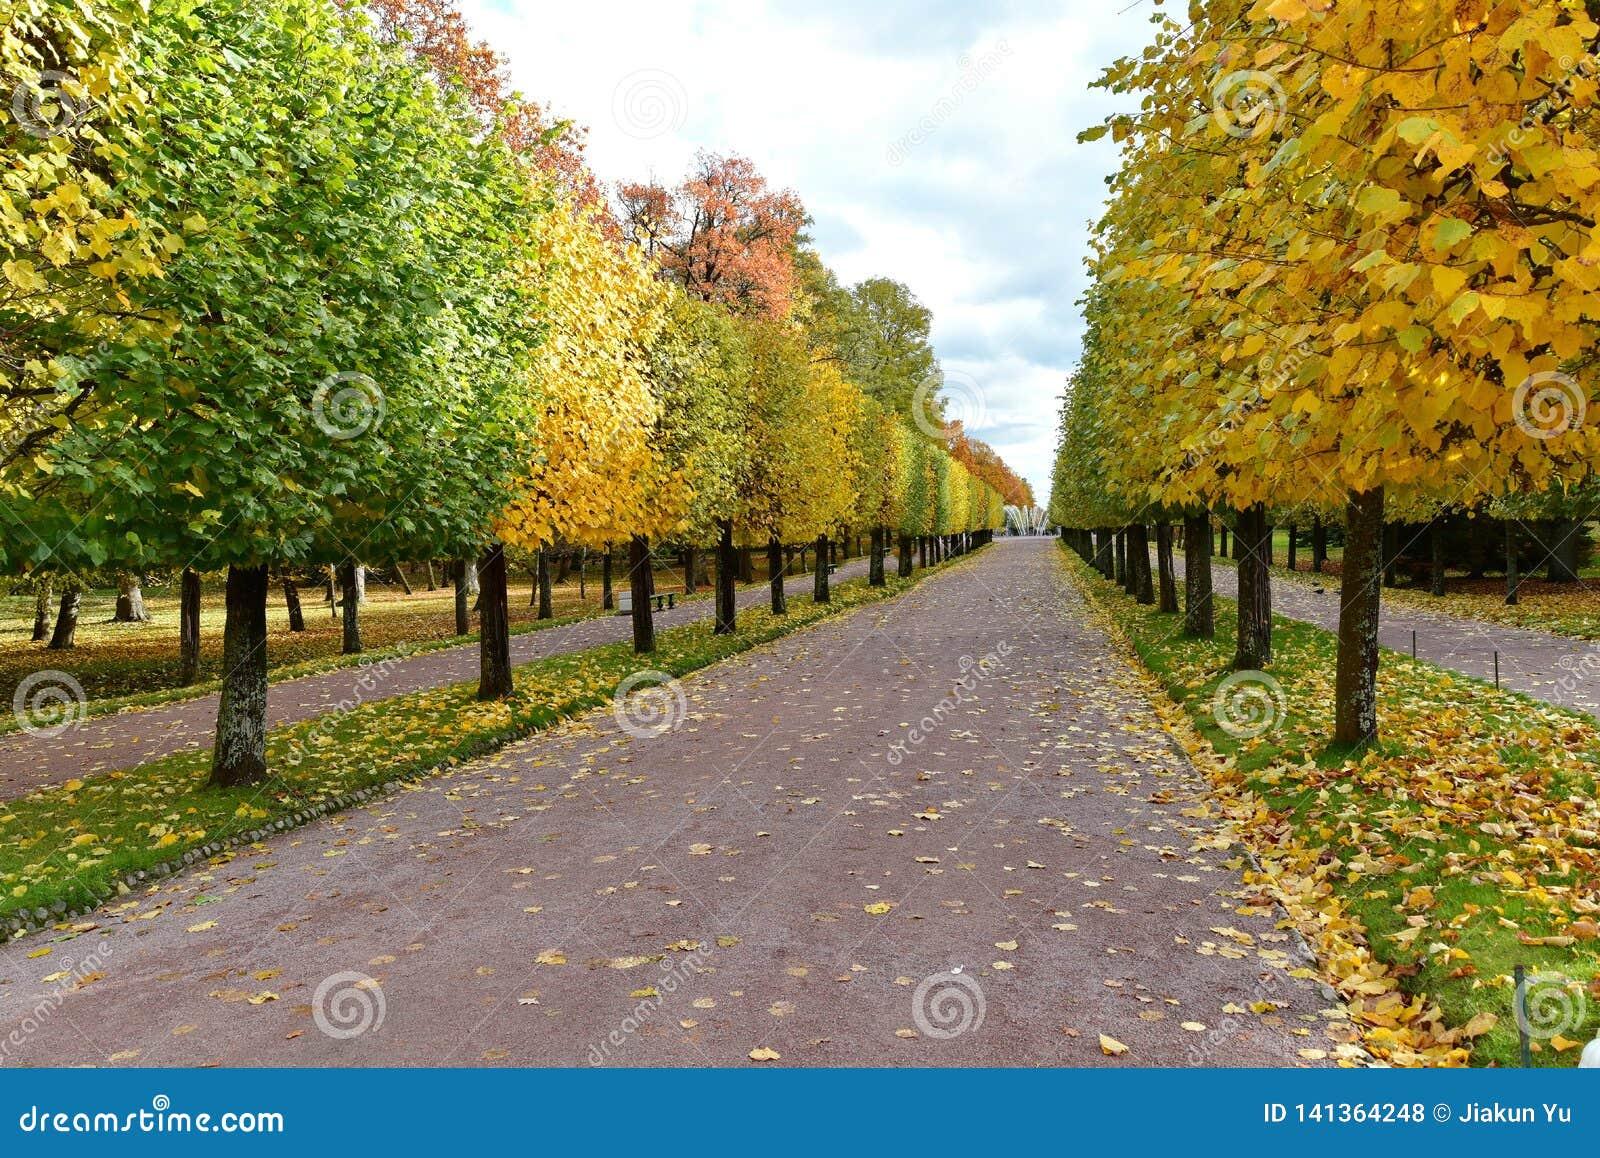 La strada con il fogliame di caduta e gli alberi gialli